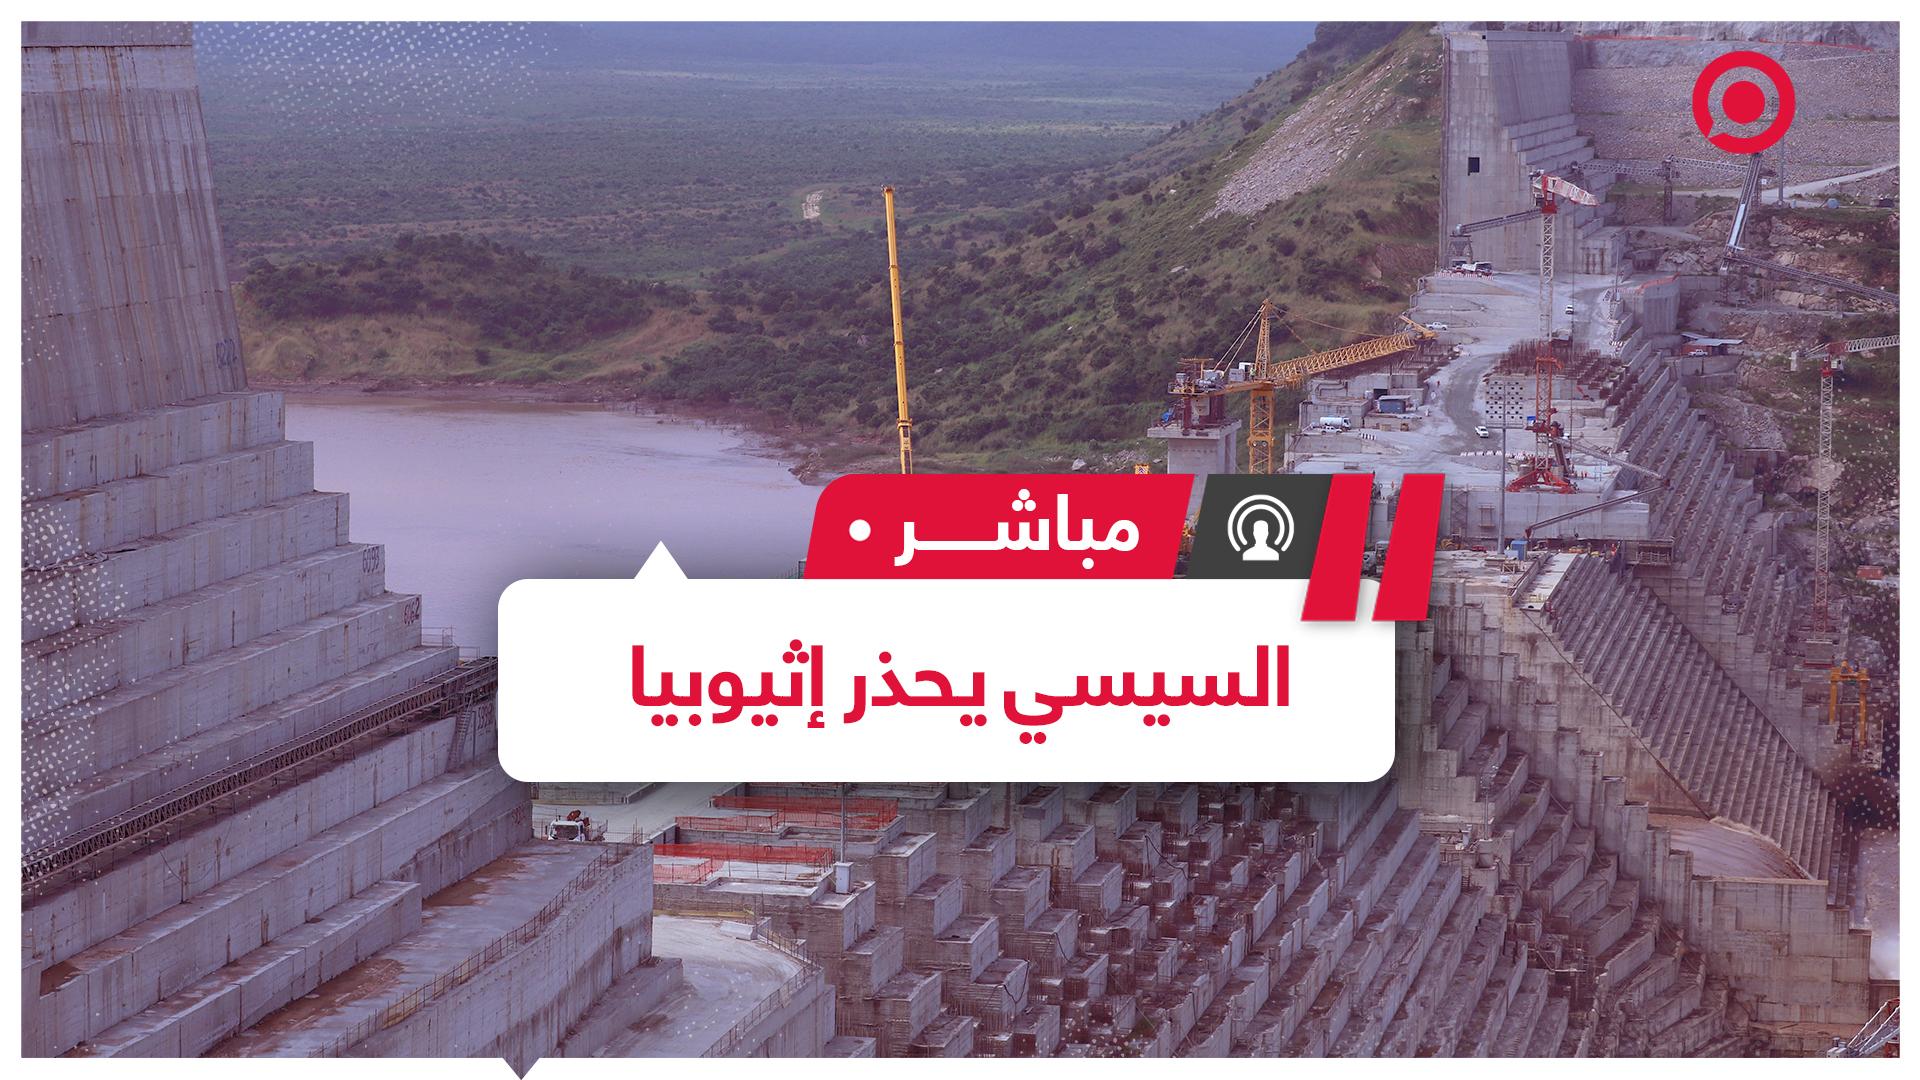 أزمة سد النهضة للواجهة مجددا ومصر تحذر من المساس بمياهها